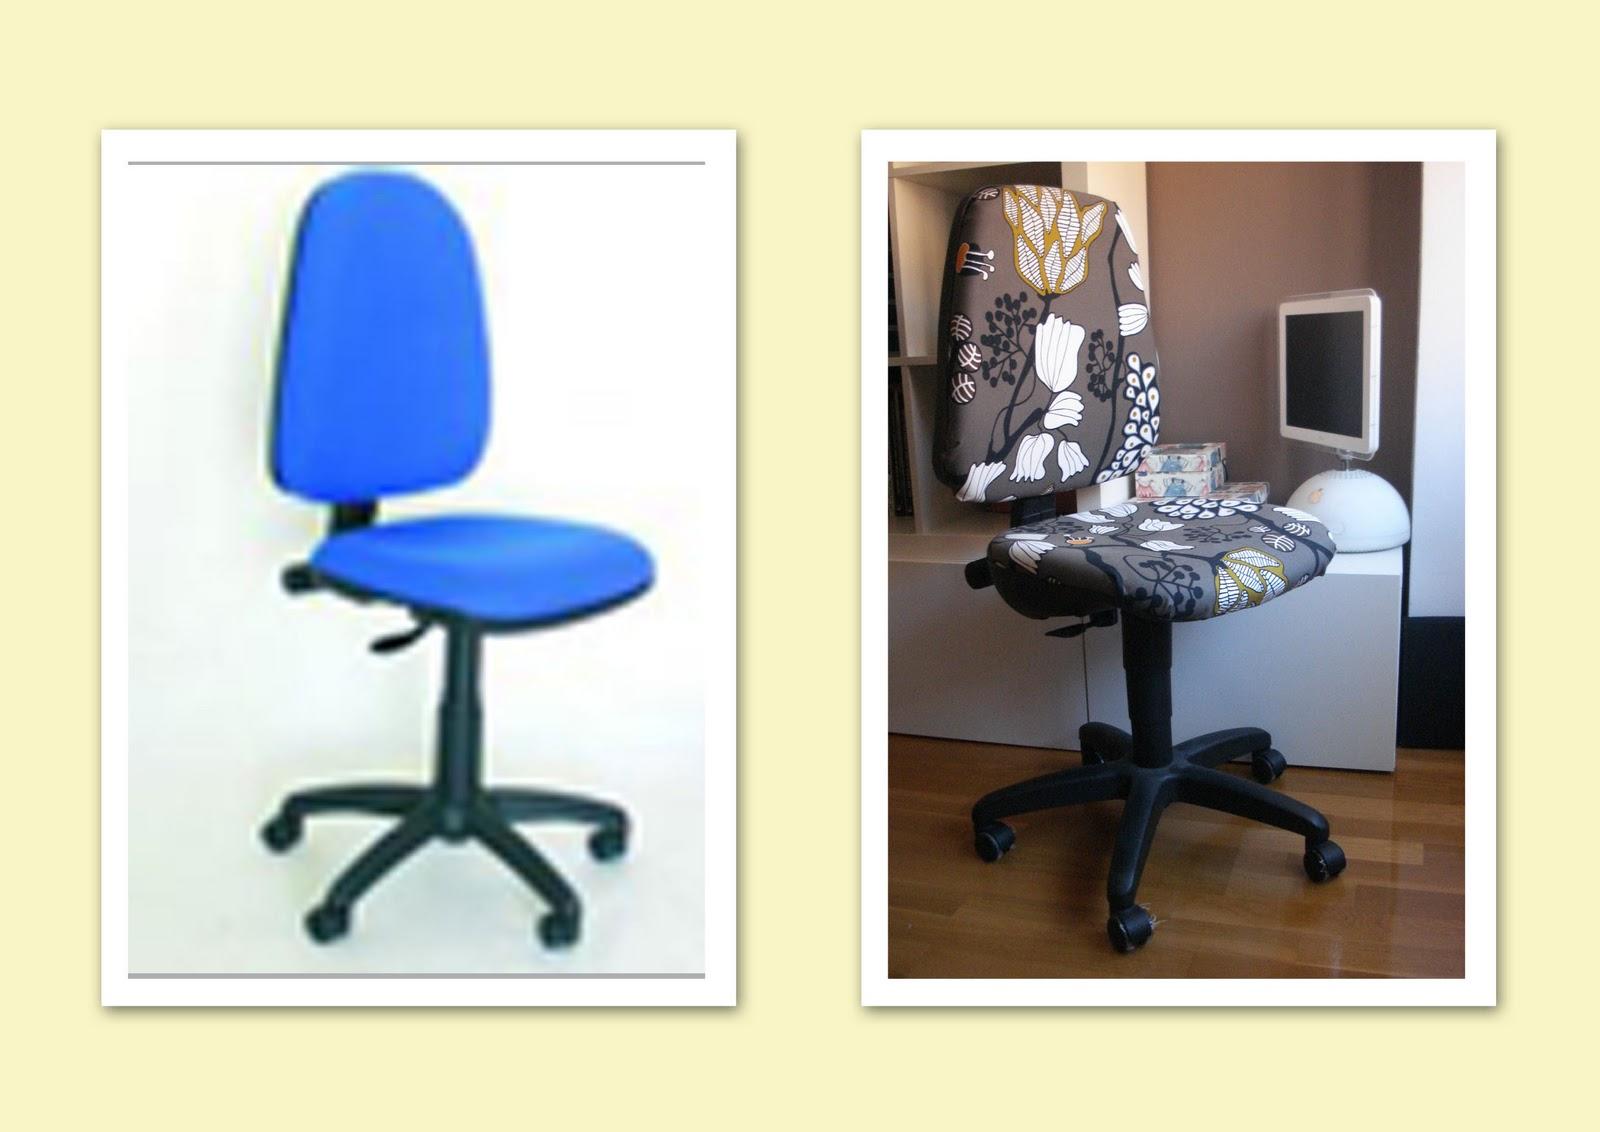 Traetela tapizar silla giratoria - Grapadoras para tapizar ...